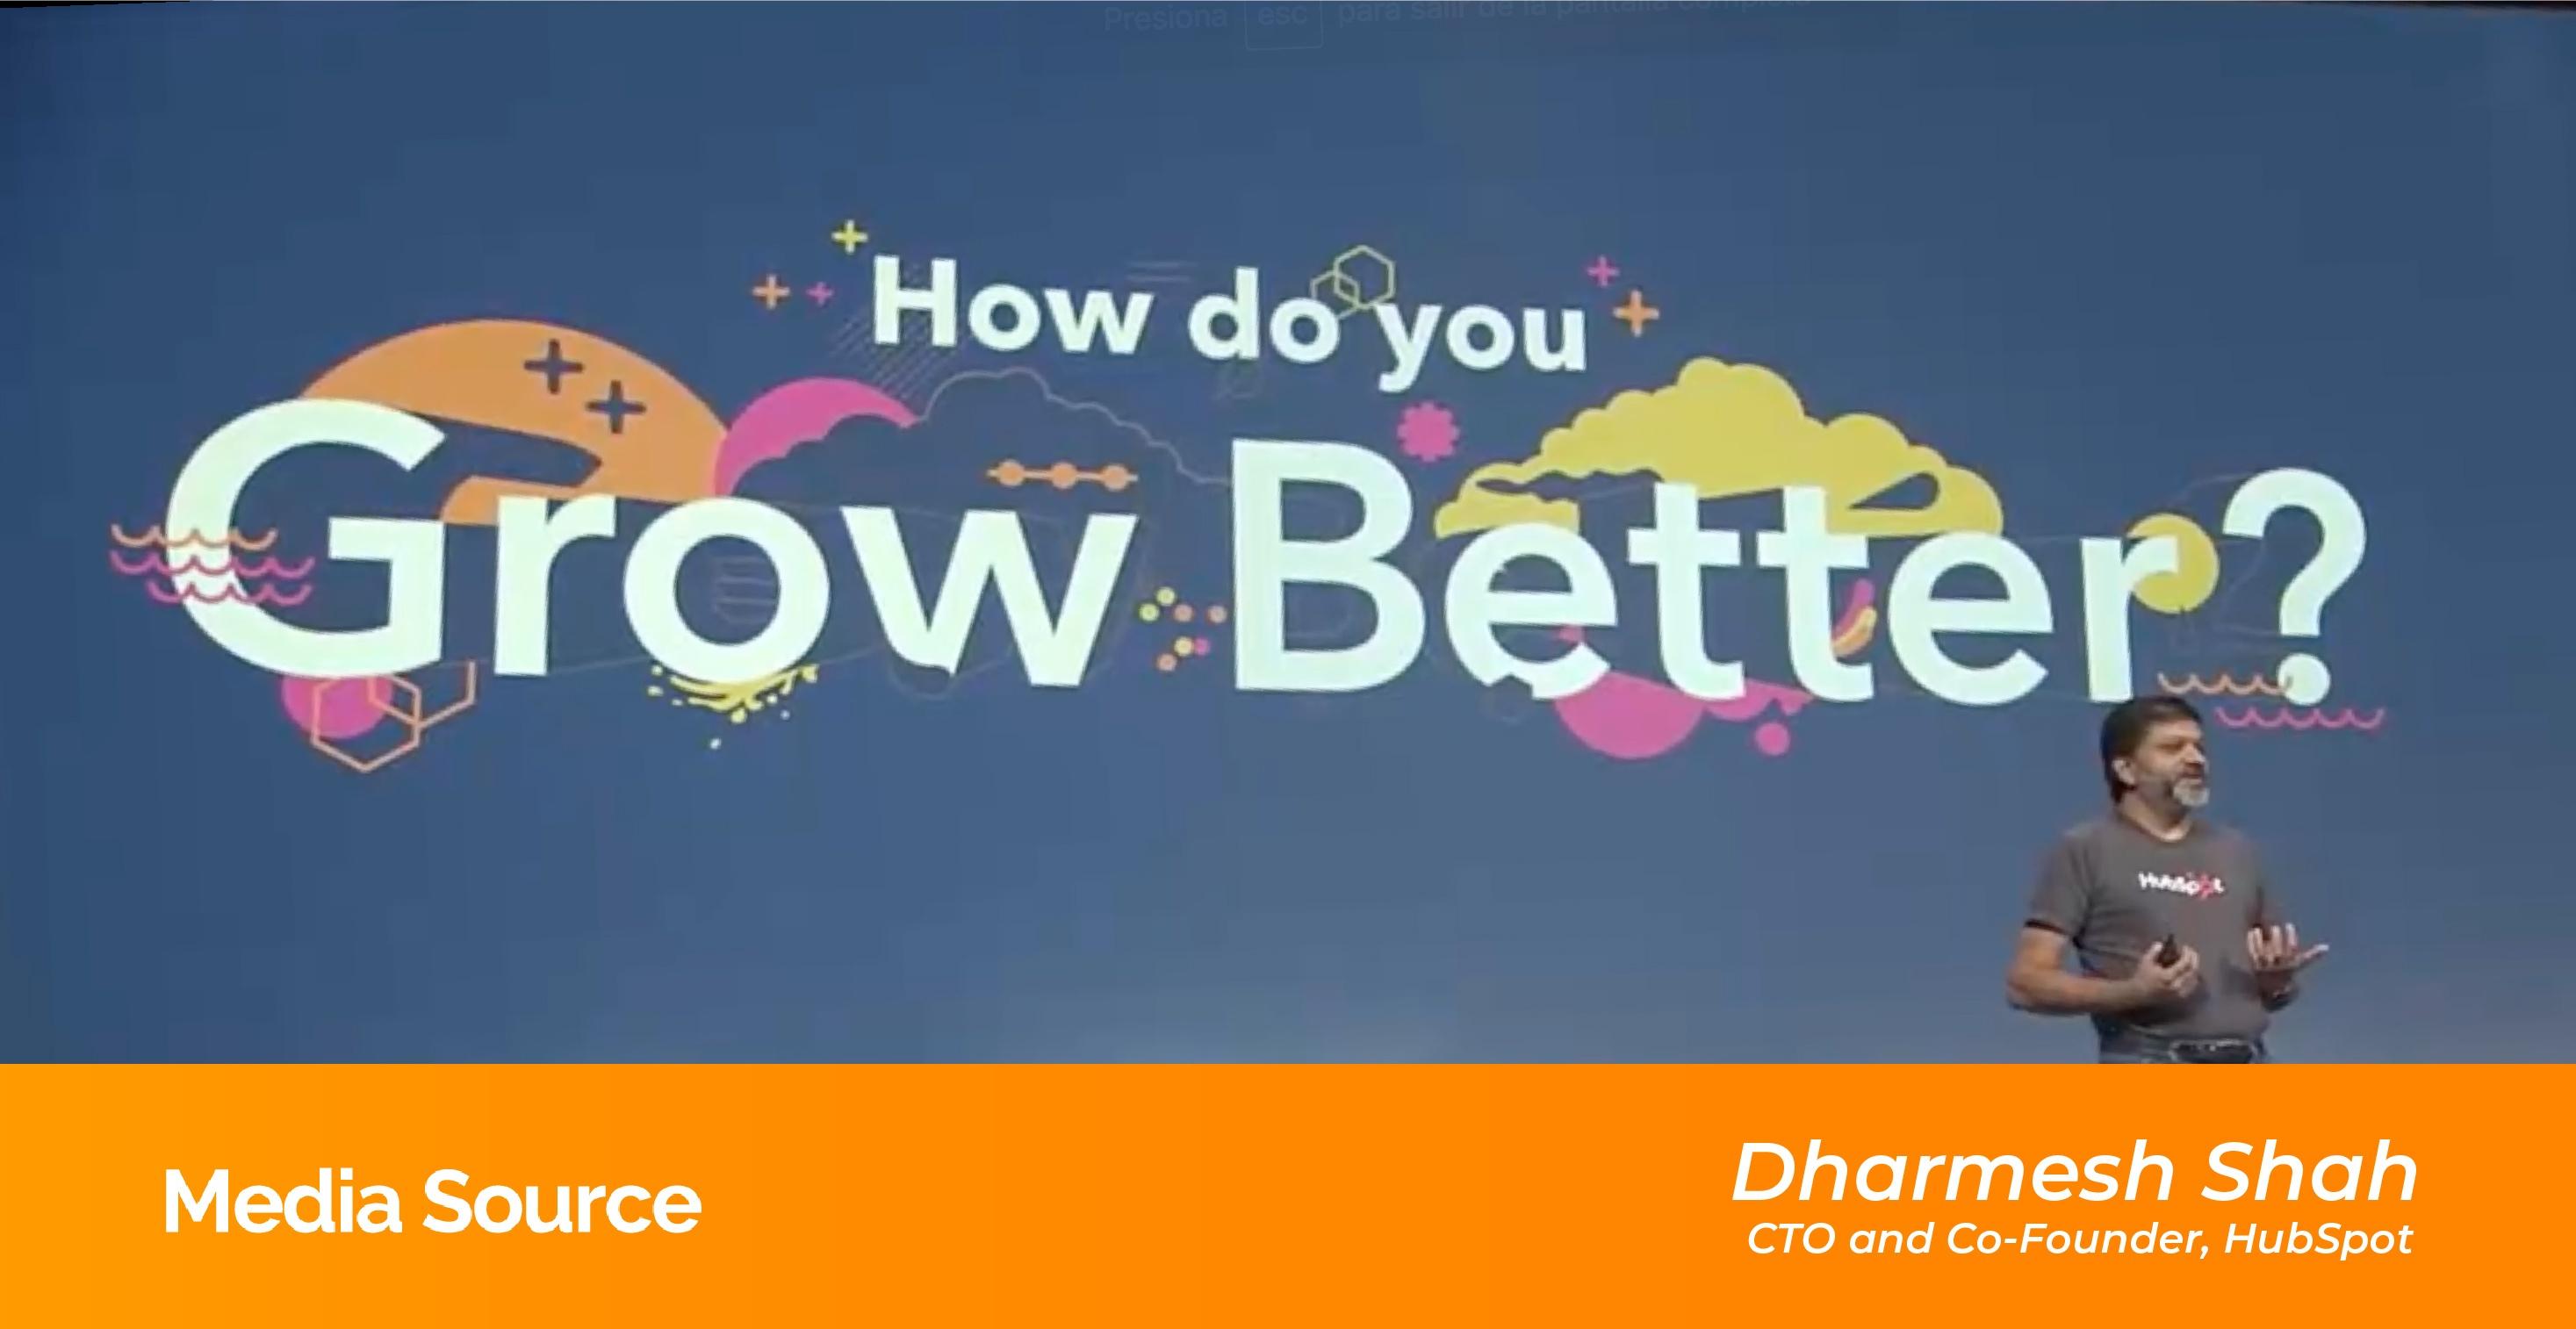 How to grow better? El nuevo enfoque en la experiencia del cliente